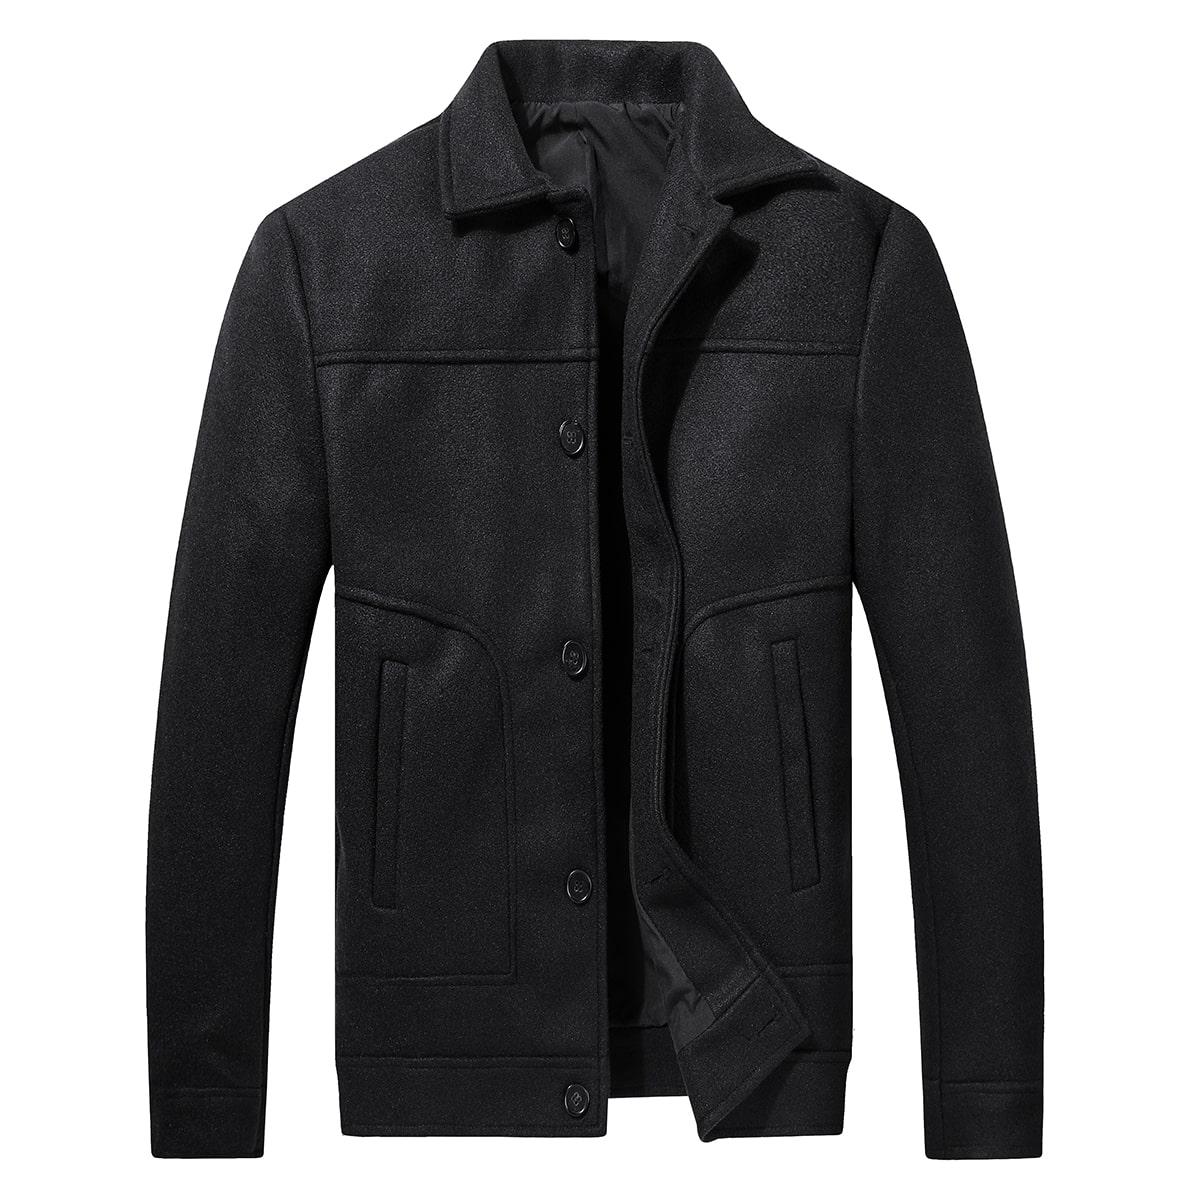 Мужское однотонное пальто на пуговицах спереди